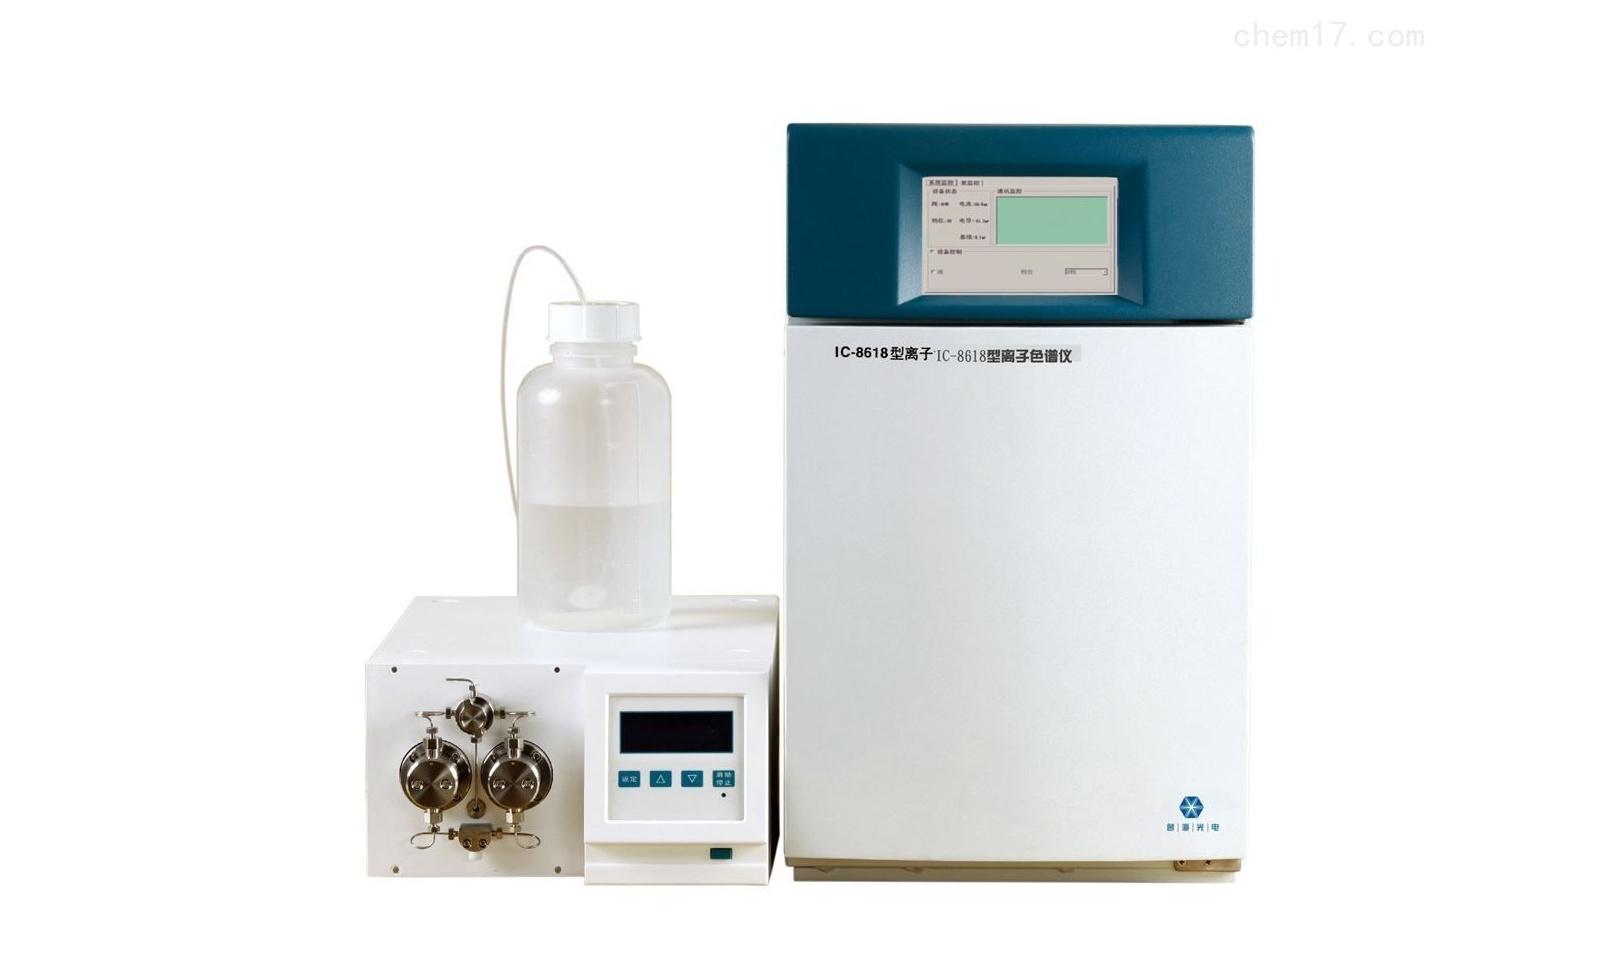 南方科技大学化学系离子色谱仪等仪器设备采购项目公开招标公告